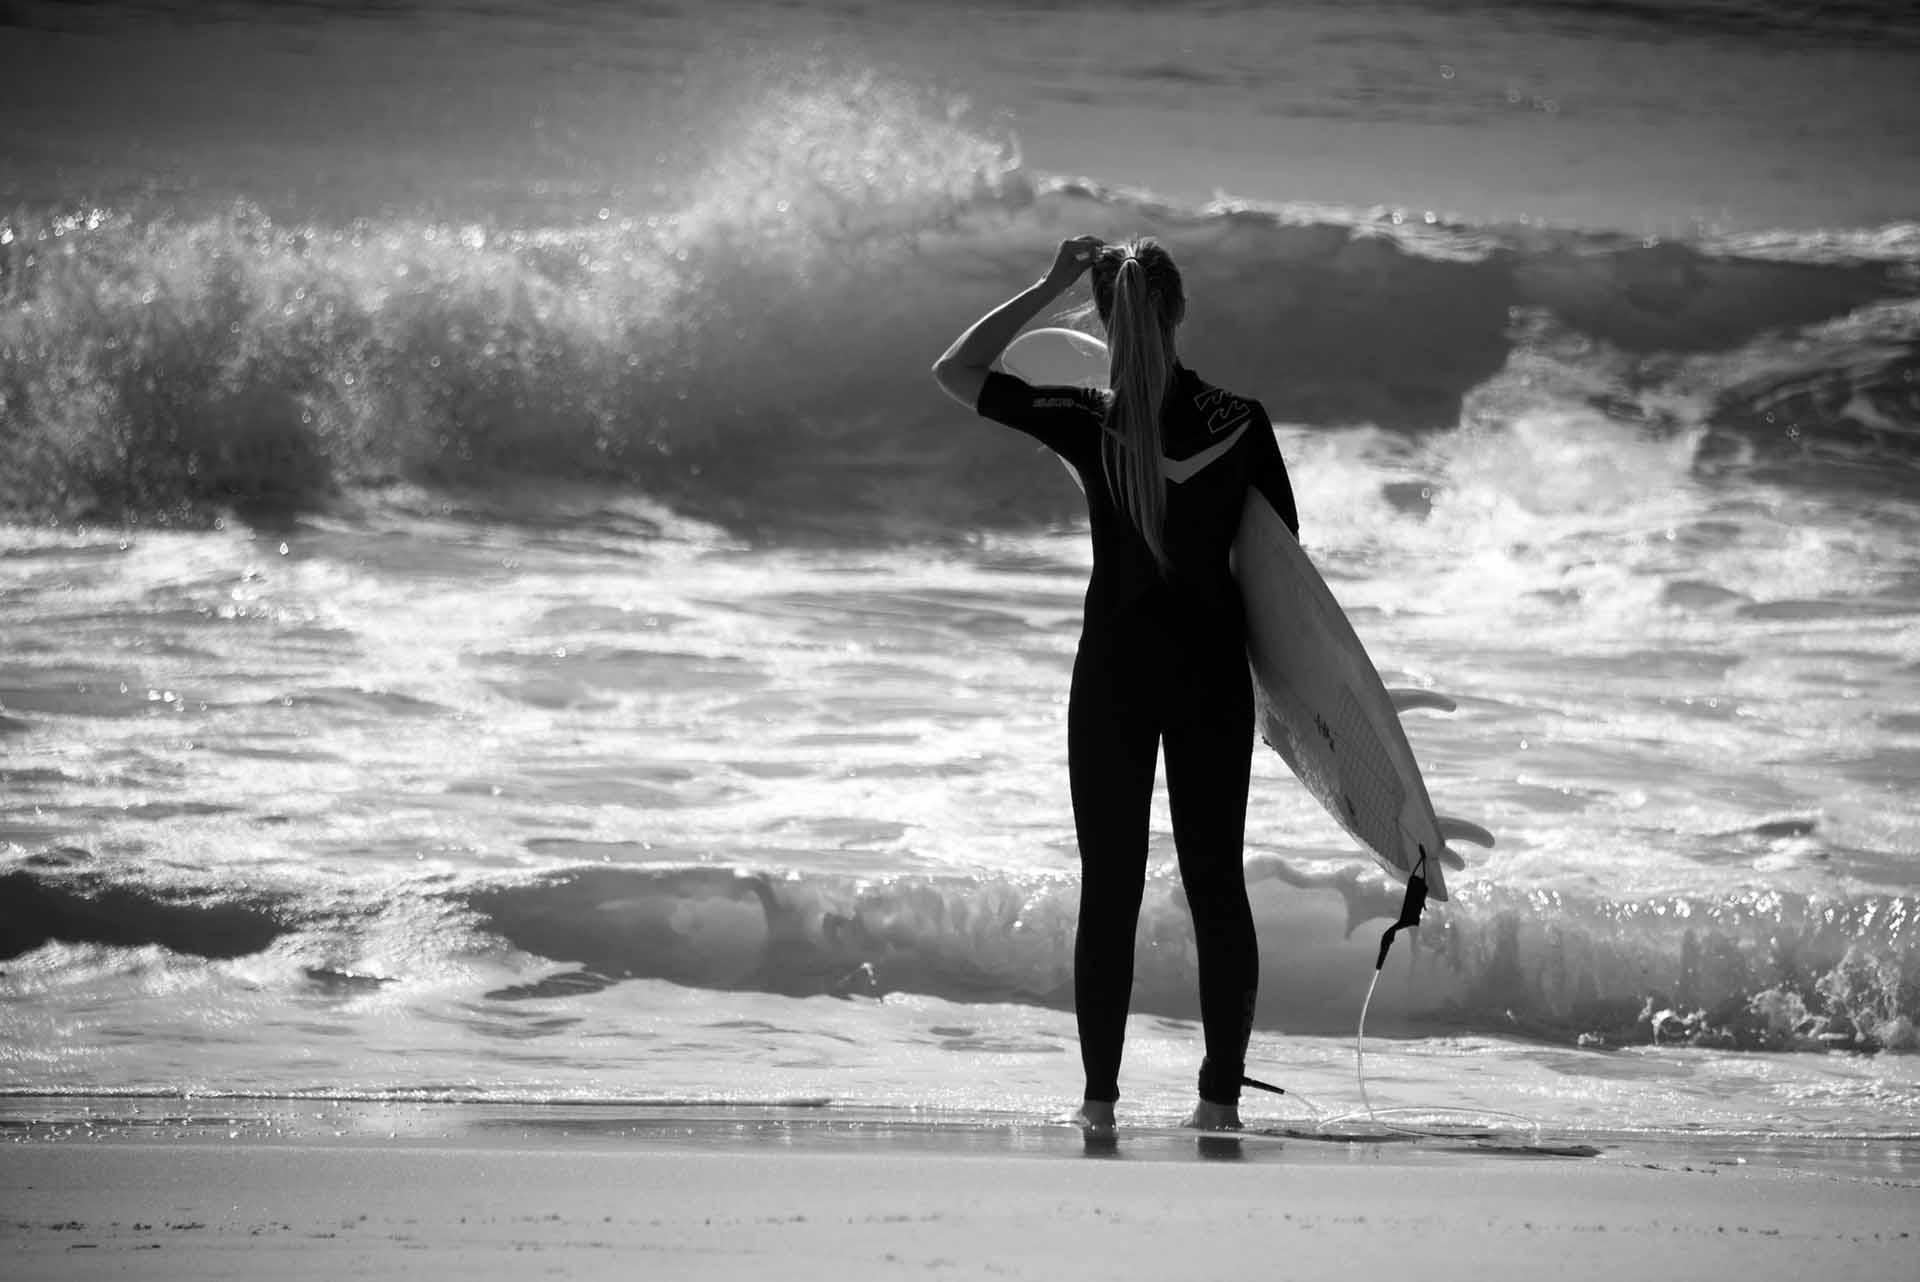 Surfer Girl Desktop Wallpaper 58684 1920x1200 px ~ HDWallSource com